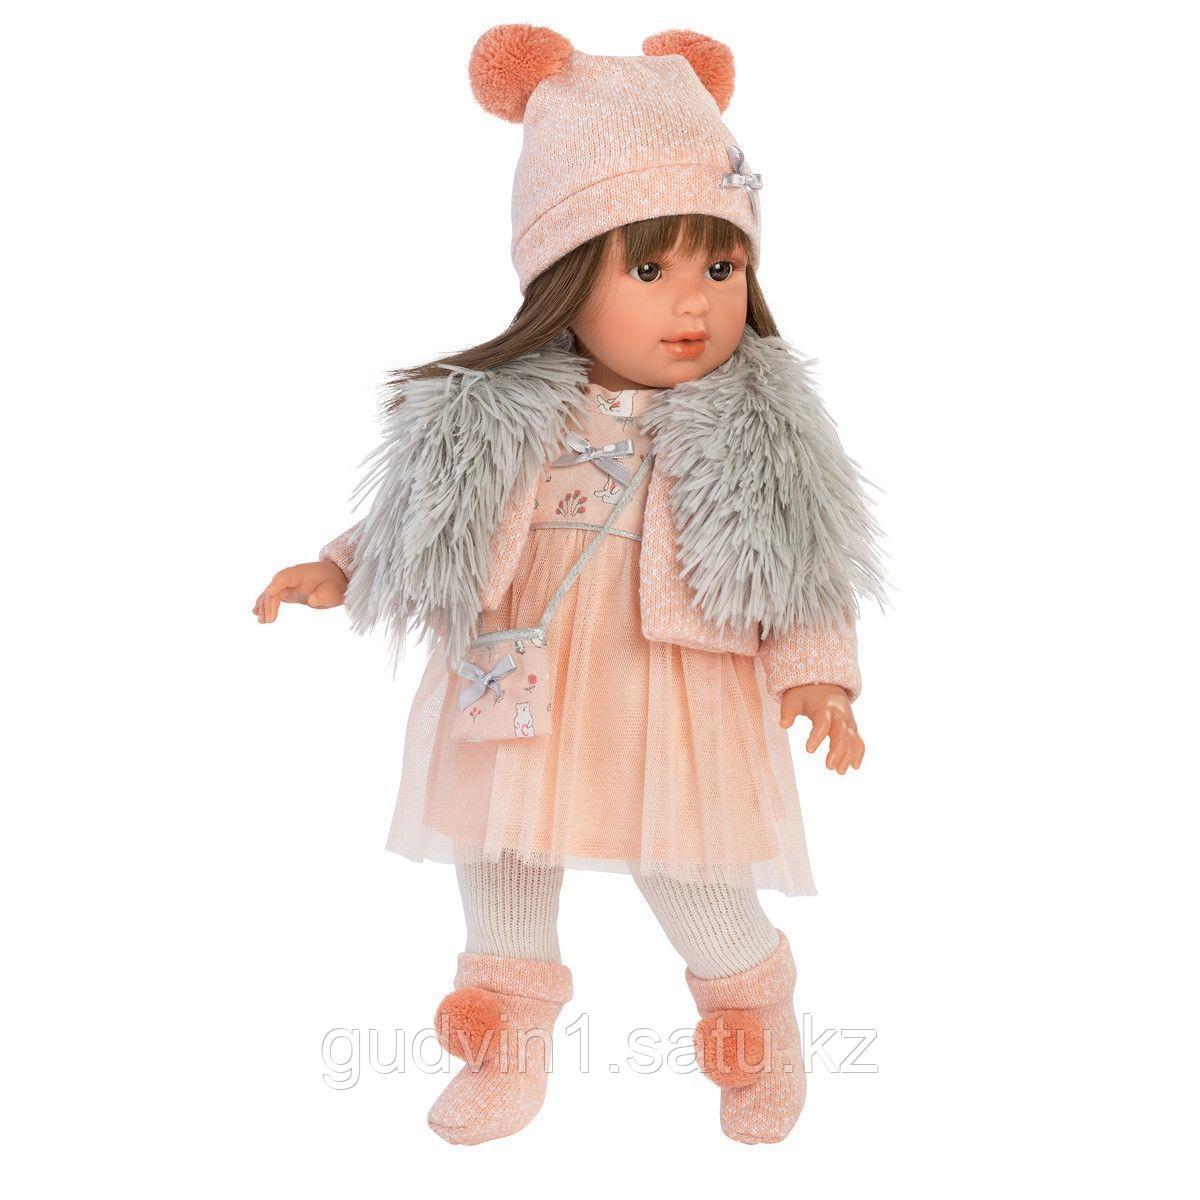 LLORENS: Кукла Лети 40см, брюнетка в меховой накидке 1102614